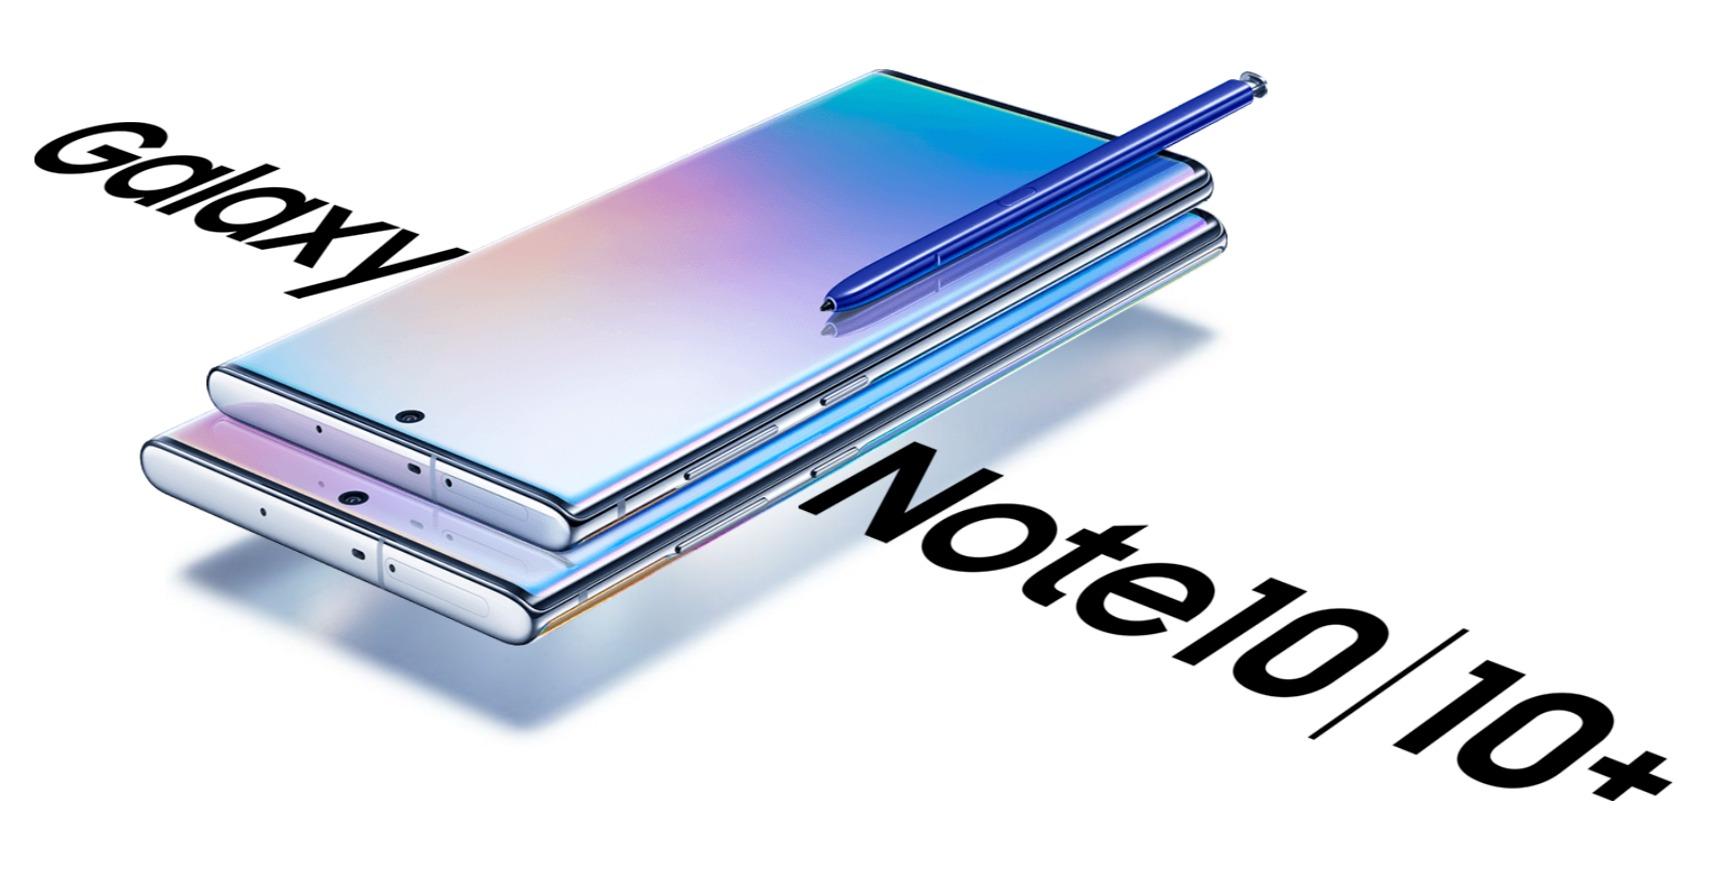 Erstes Samsung-Smartphone erhält Zertifikat für Wi-Fi 6